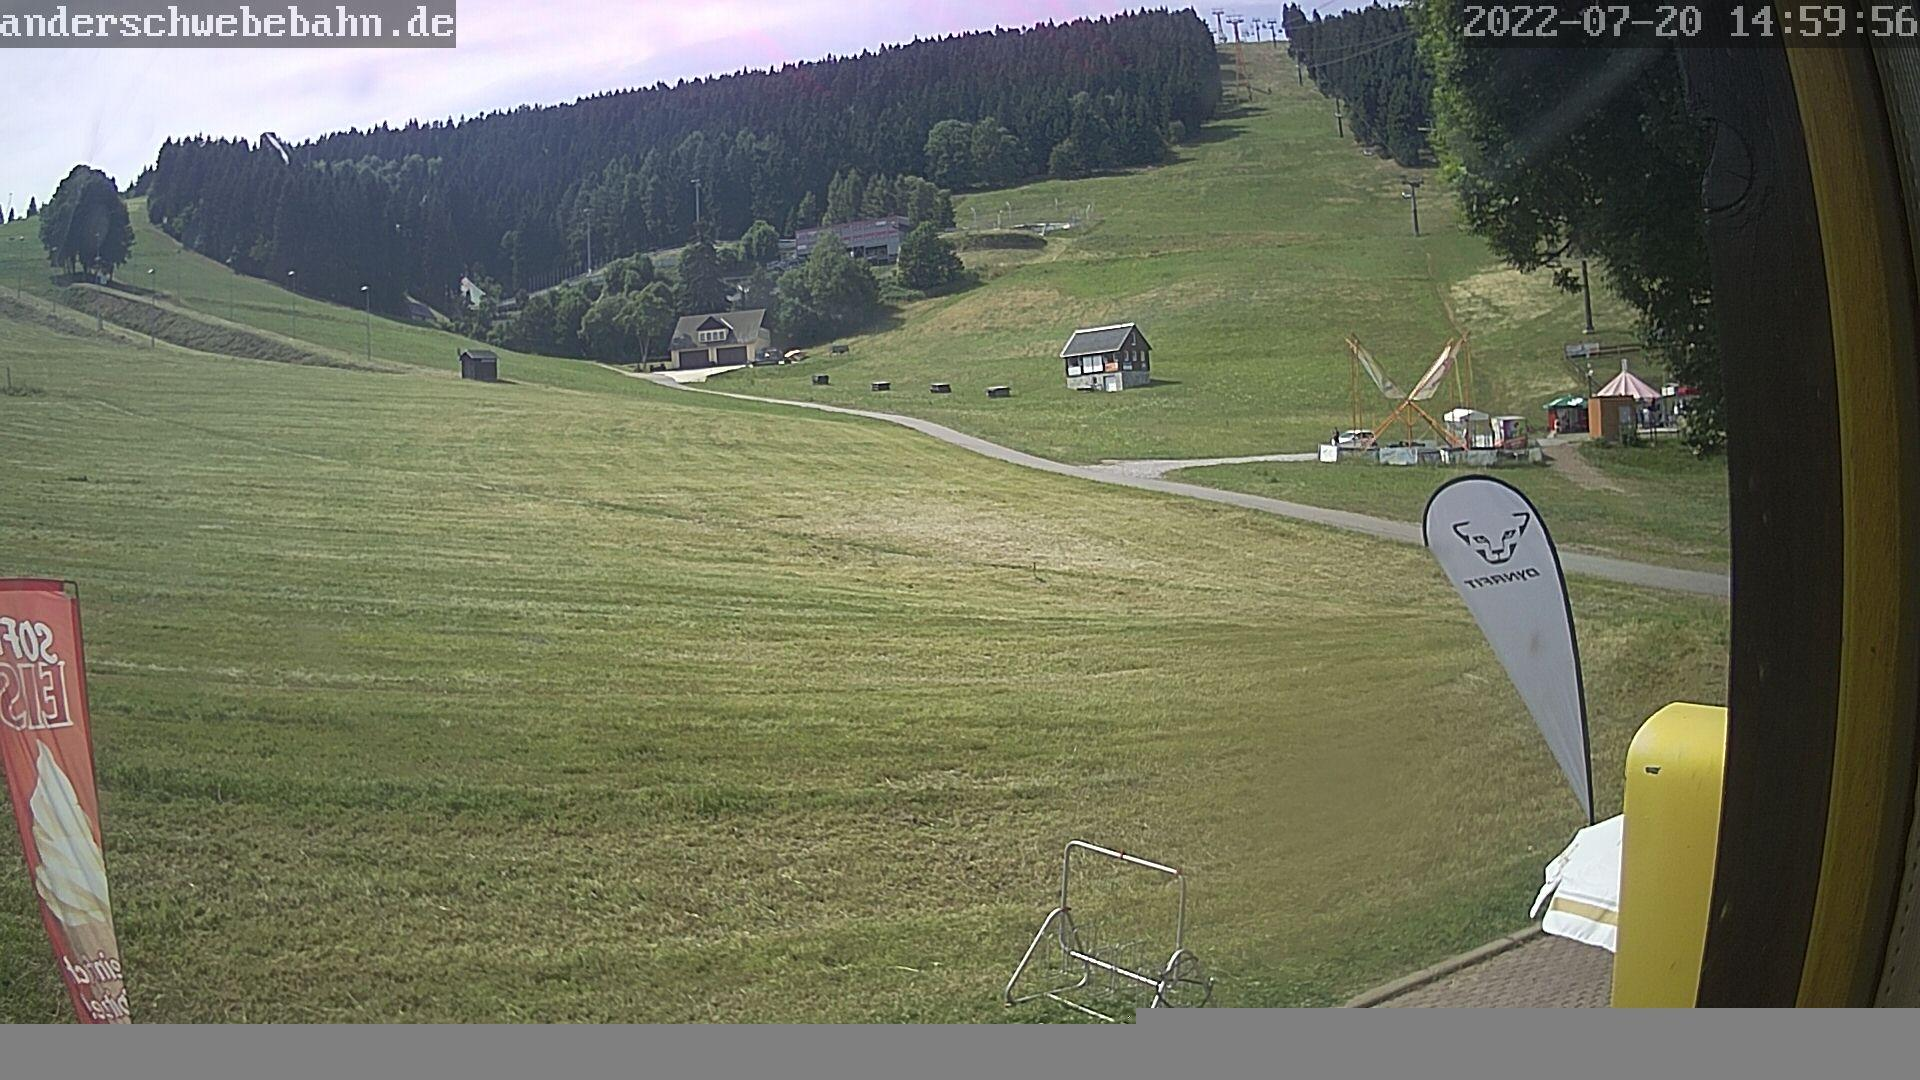 Webkamera Fichtelberg Haus: Oberwiesenthaler Skigebiet